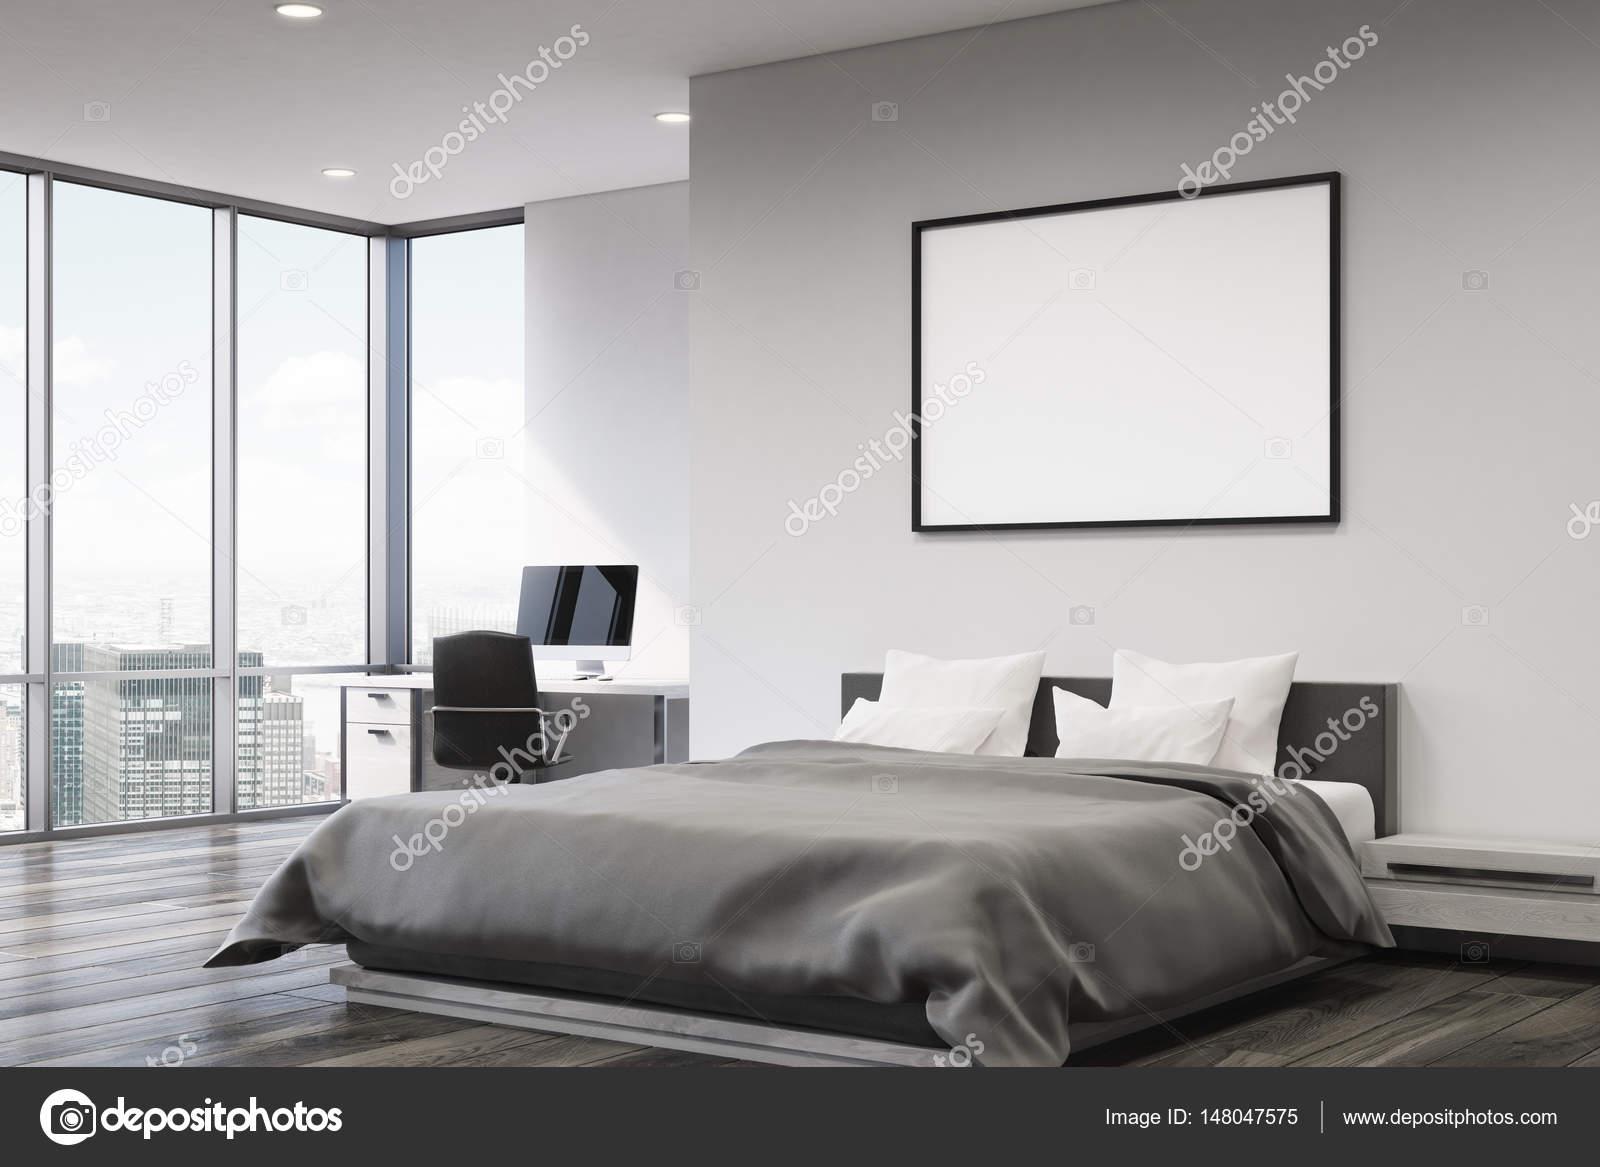 Fesselnd Aus Einem Anderen Blickwinkel Aus Einem Schlafzimmer Mit Grauen Wänden,  Einem Doppelbett Mit Zwei Kissen, Einen Schreibtisch Mit Einem Computer  Stehen In ...